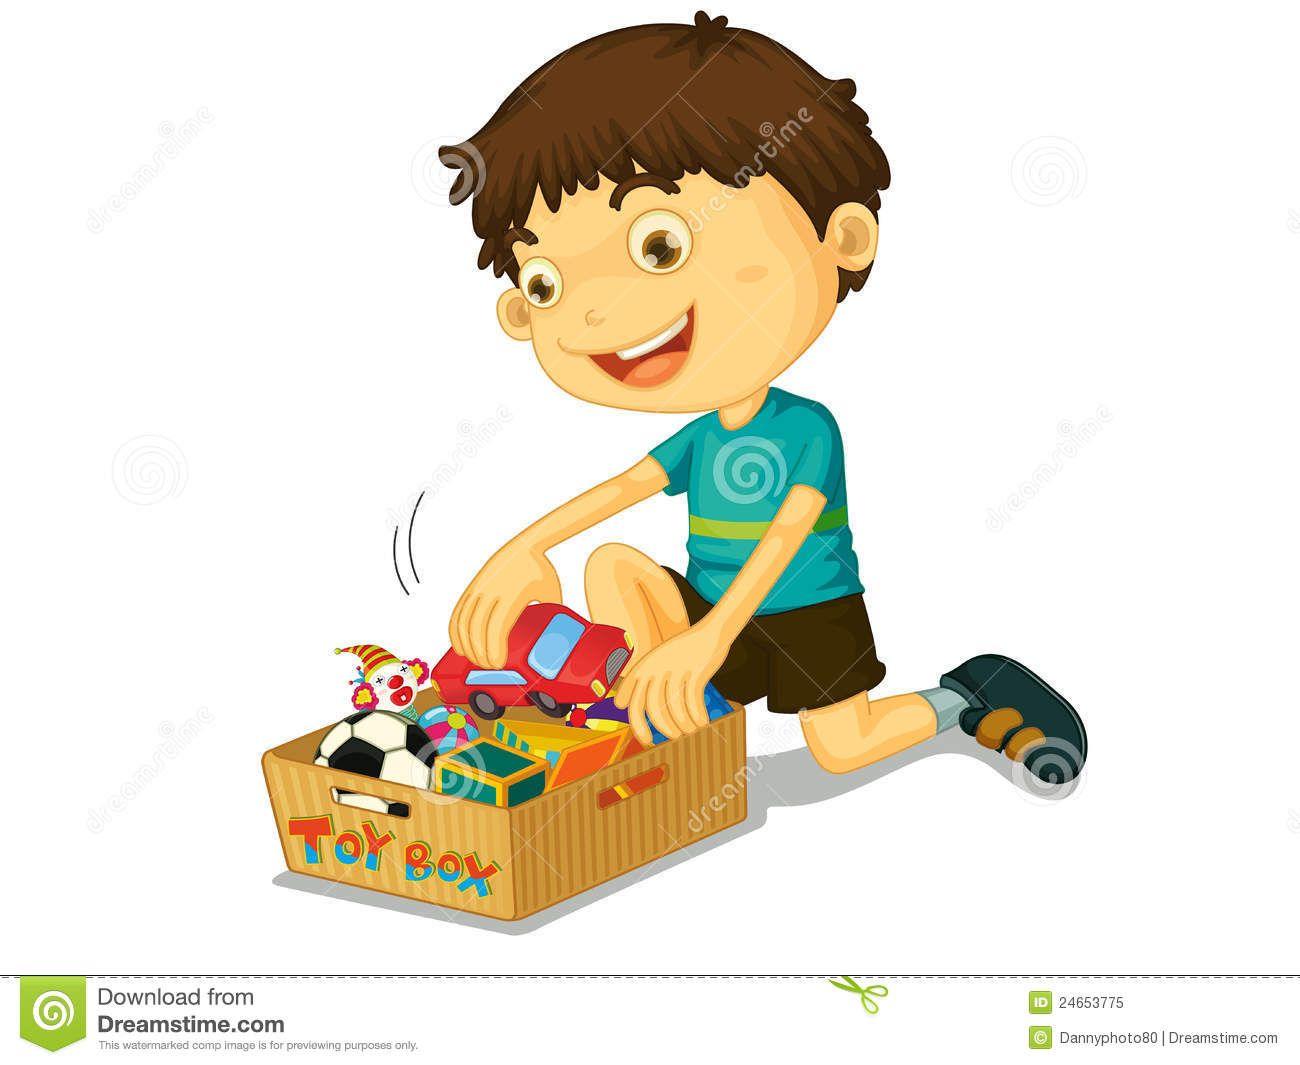 boy picking up toys.